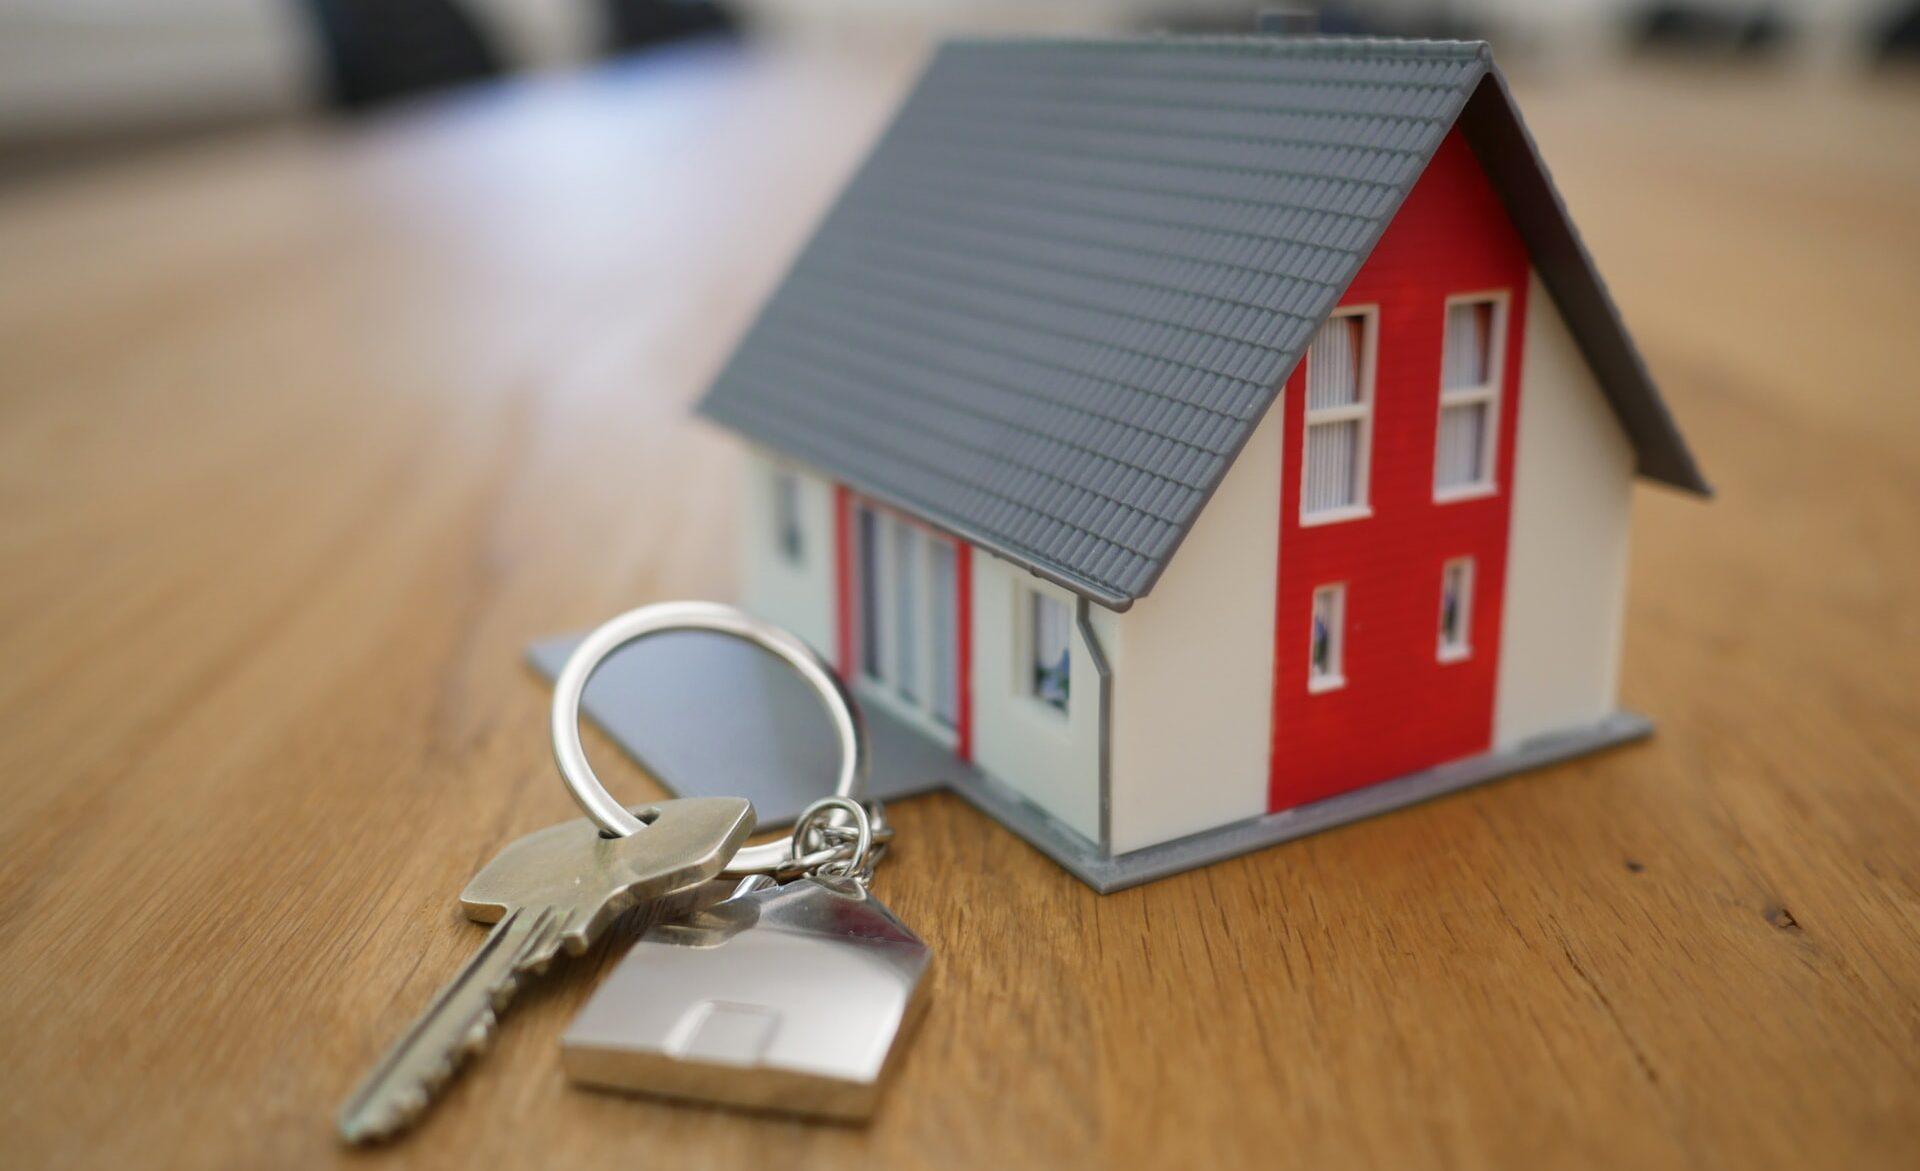 Zakup mieszkania - podatki i inne opłaty